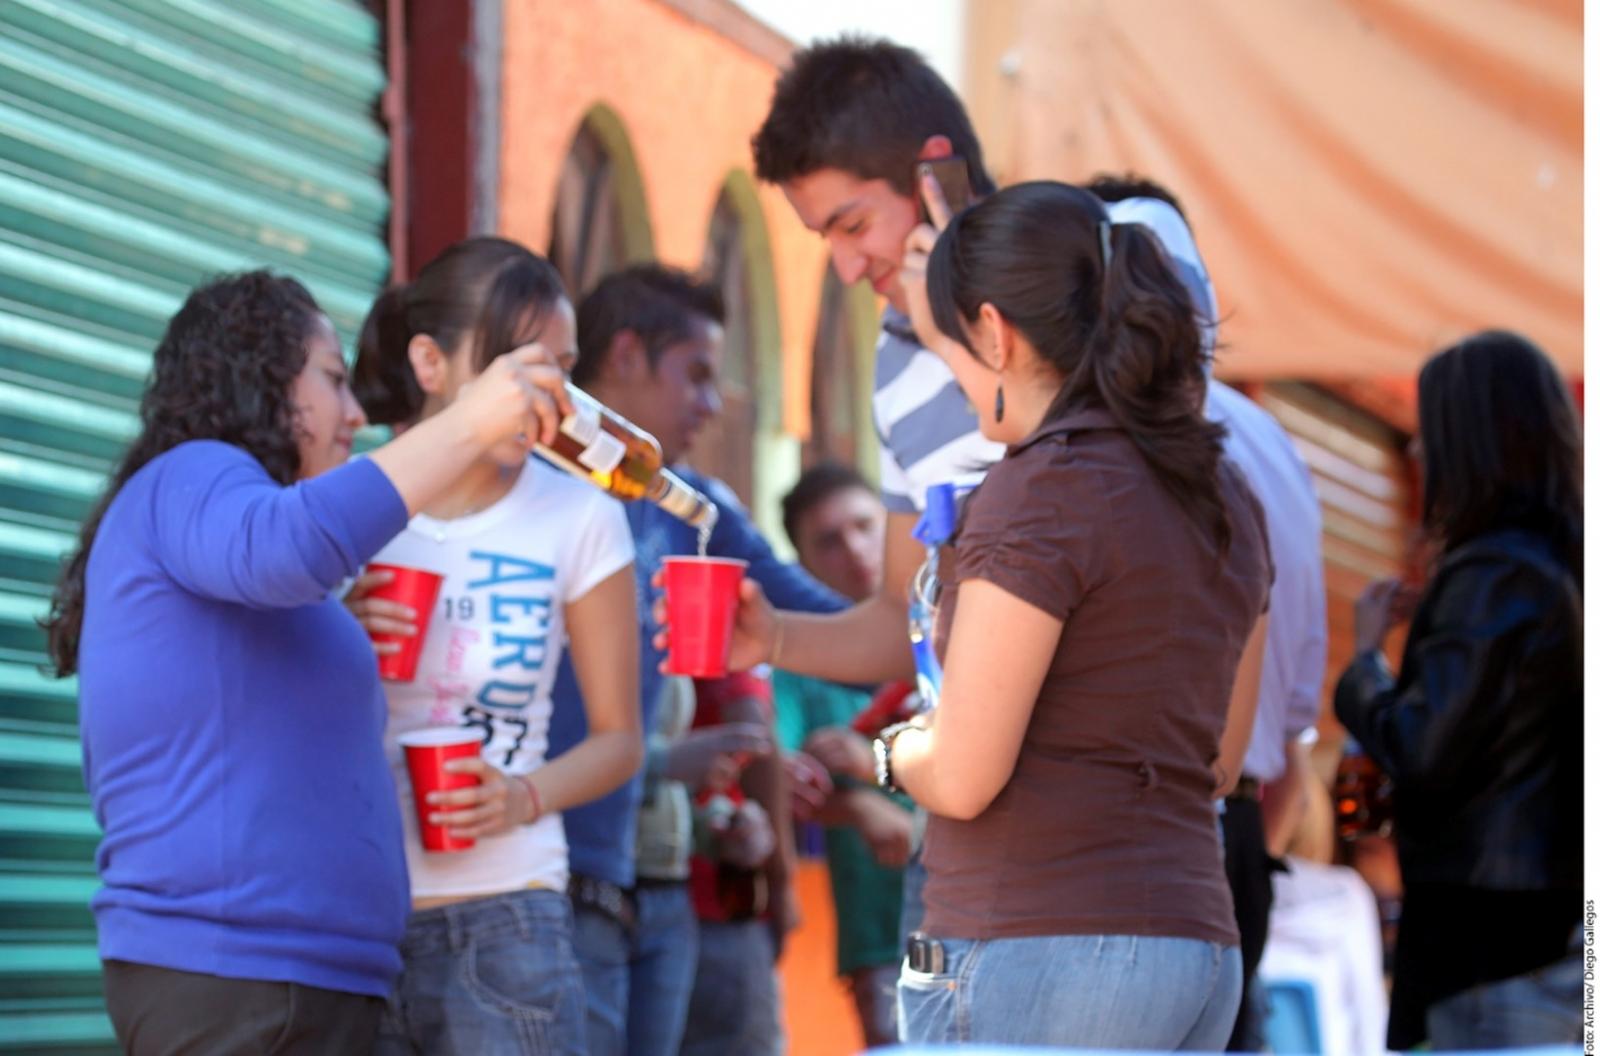 En Durango es menor el consumo de droga : Encodat